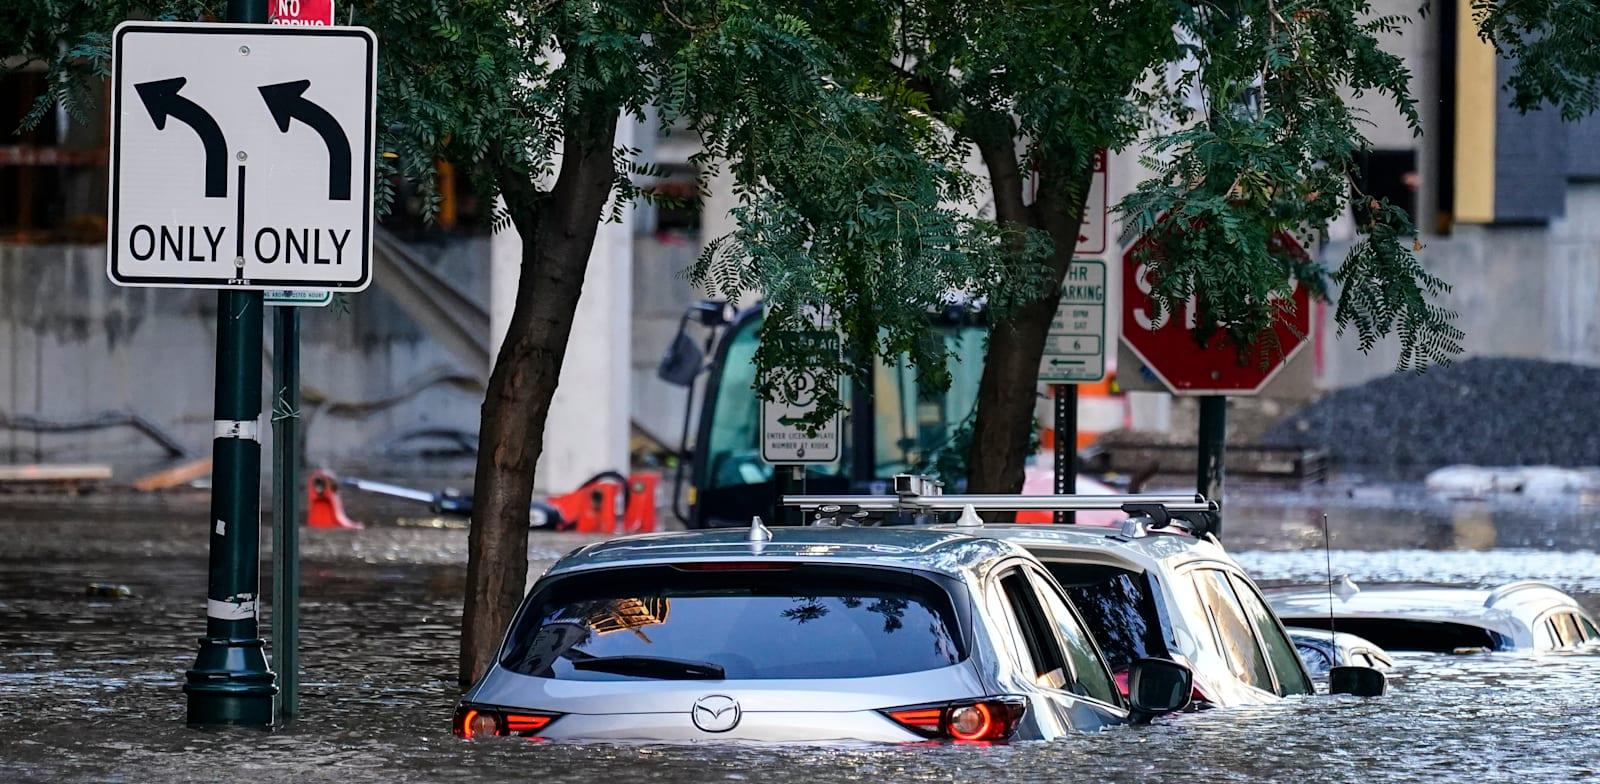 מכוניות שמוצפות במים בפילדלפיה בעקבות הוריקן איידה / צילום: Associated Press, Matt Rourke